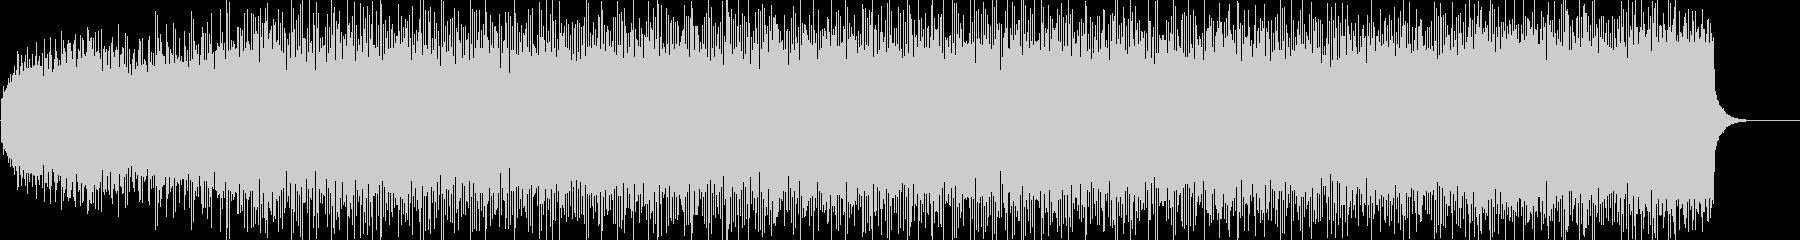 サイエンスフィクション音楽。音楽の...の未再生の波形